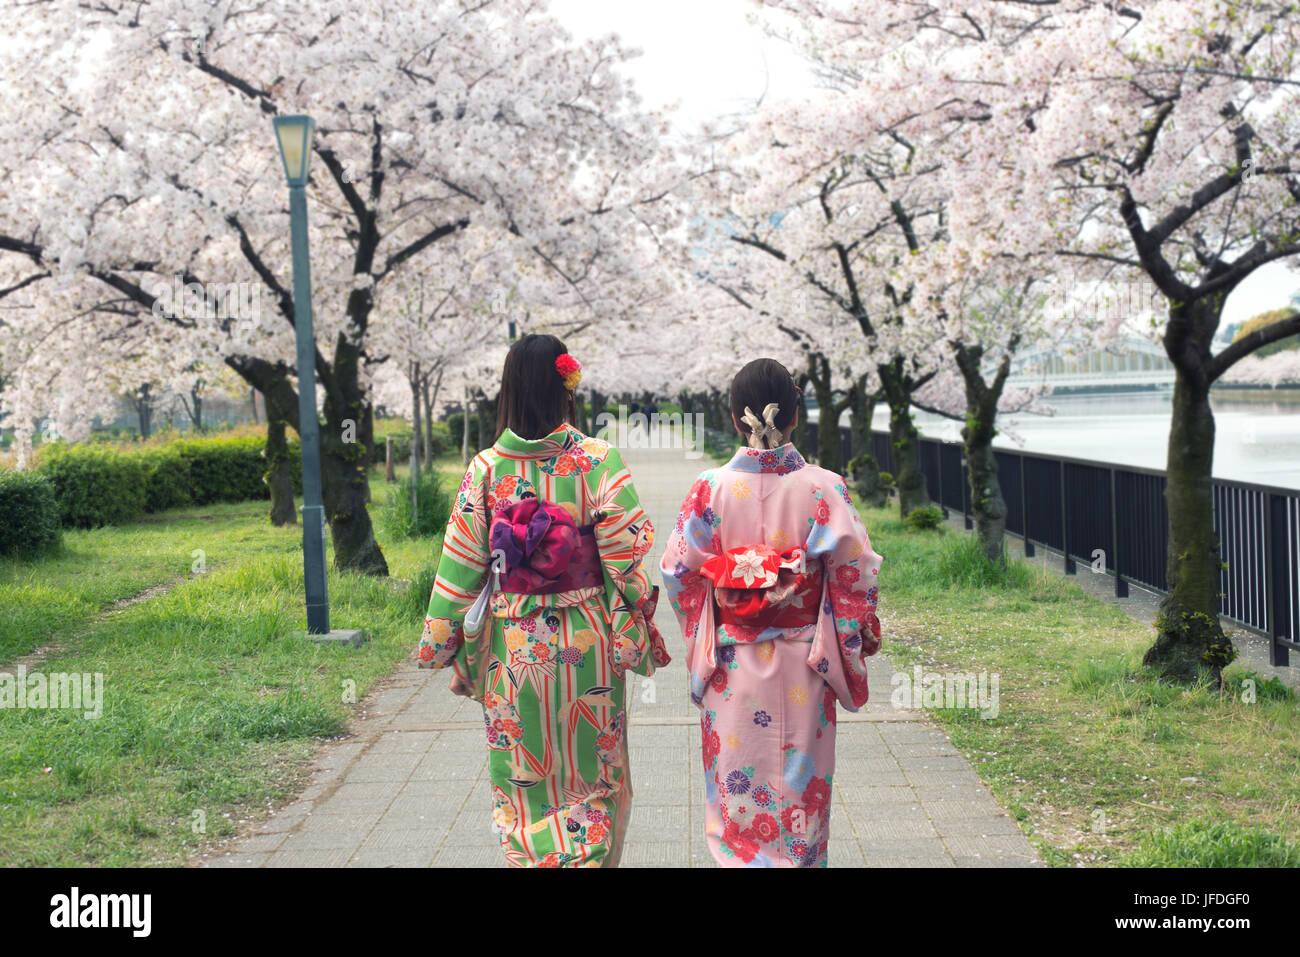 Coppia donne asiatiche indossando il tradizionale kimono giapponese Sakura nel giardino di Osaka in Giappone. Immagini Stock